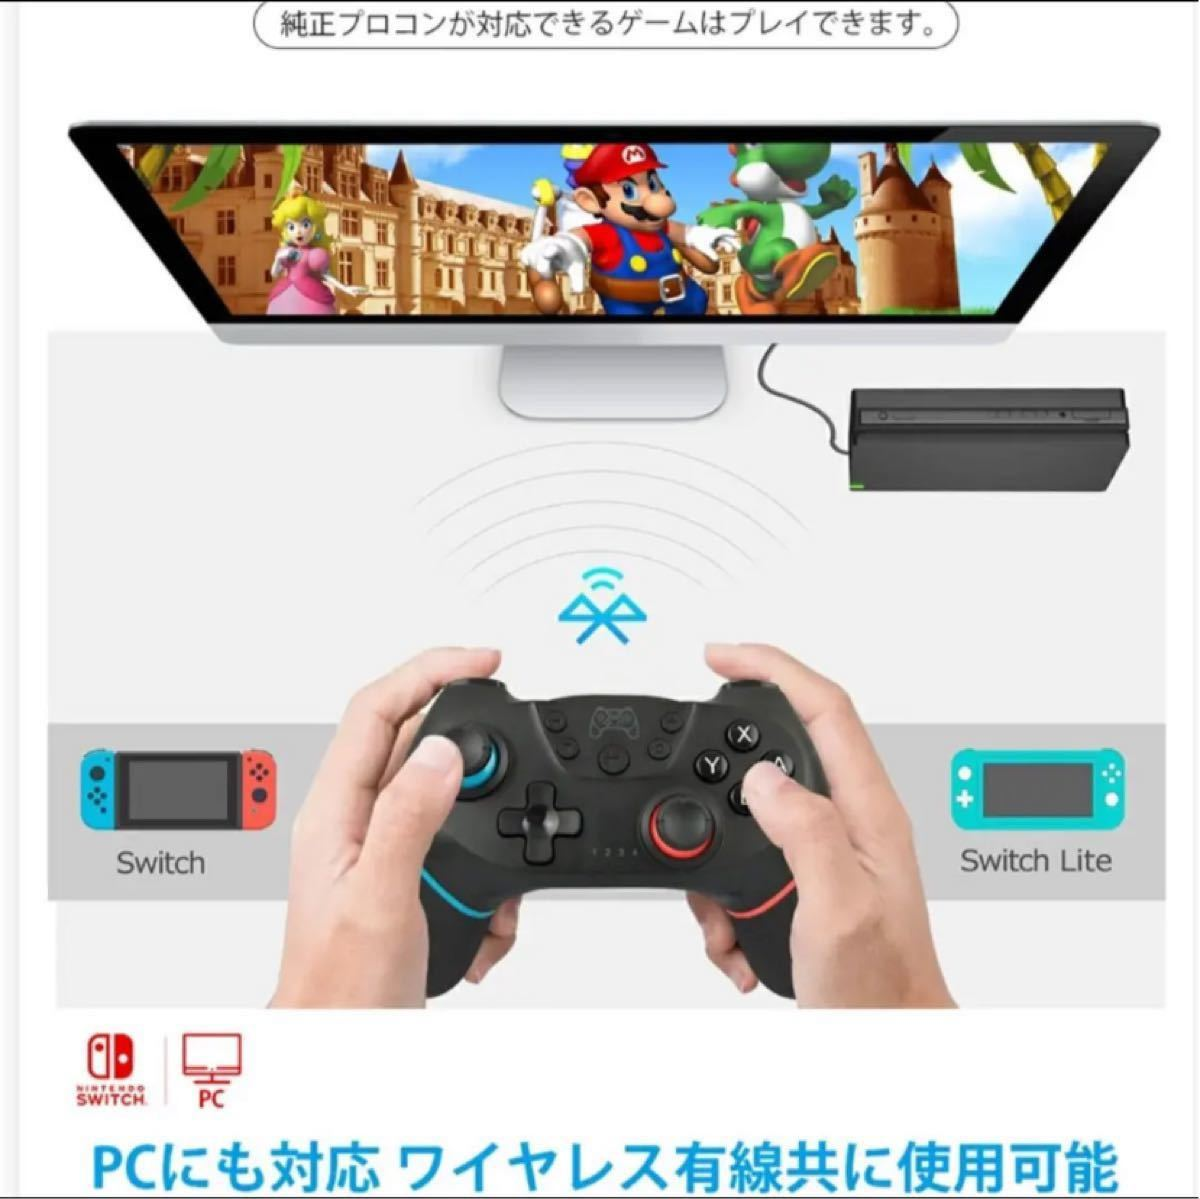 任天堂 Nintendo Switch ワイヤレスコントローラー 赤青線 多機能 ジャイロセンサー搭載 HD振動付き 人気